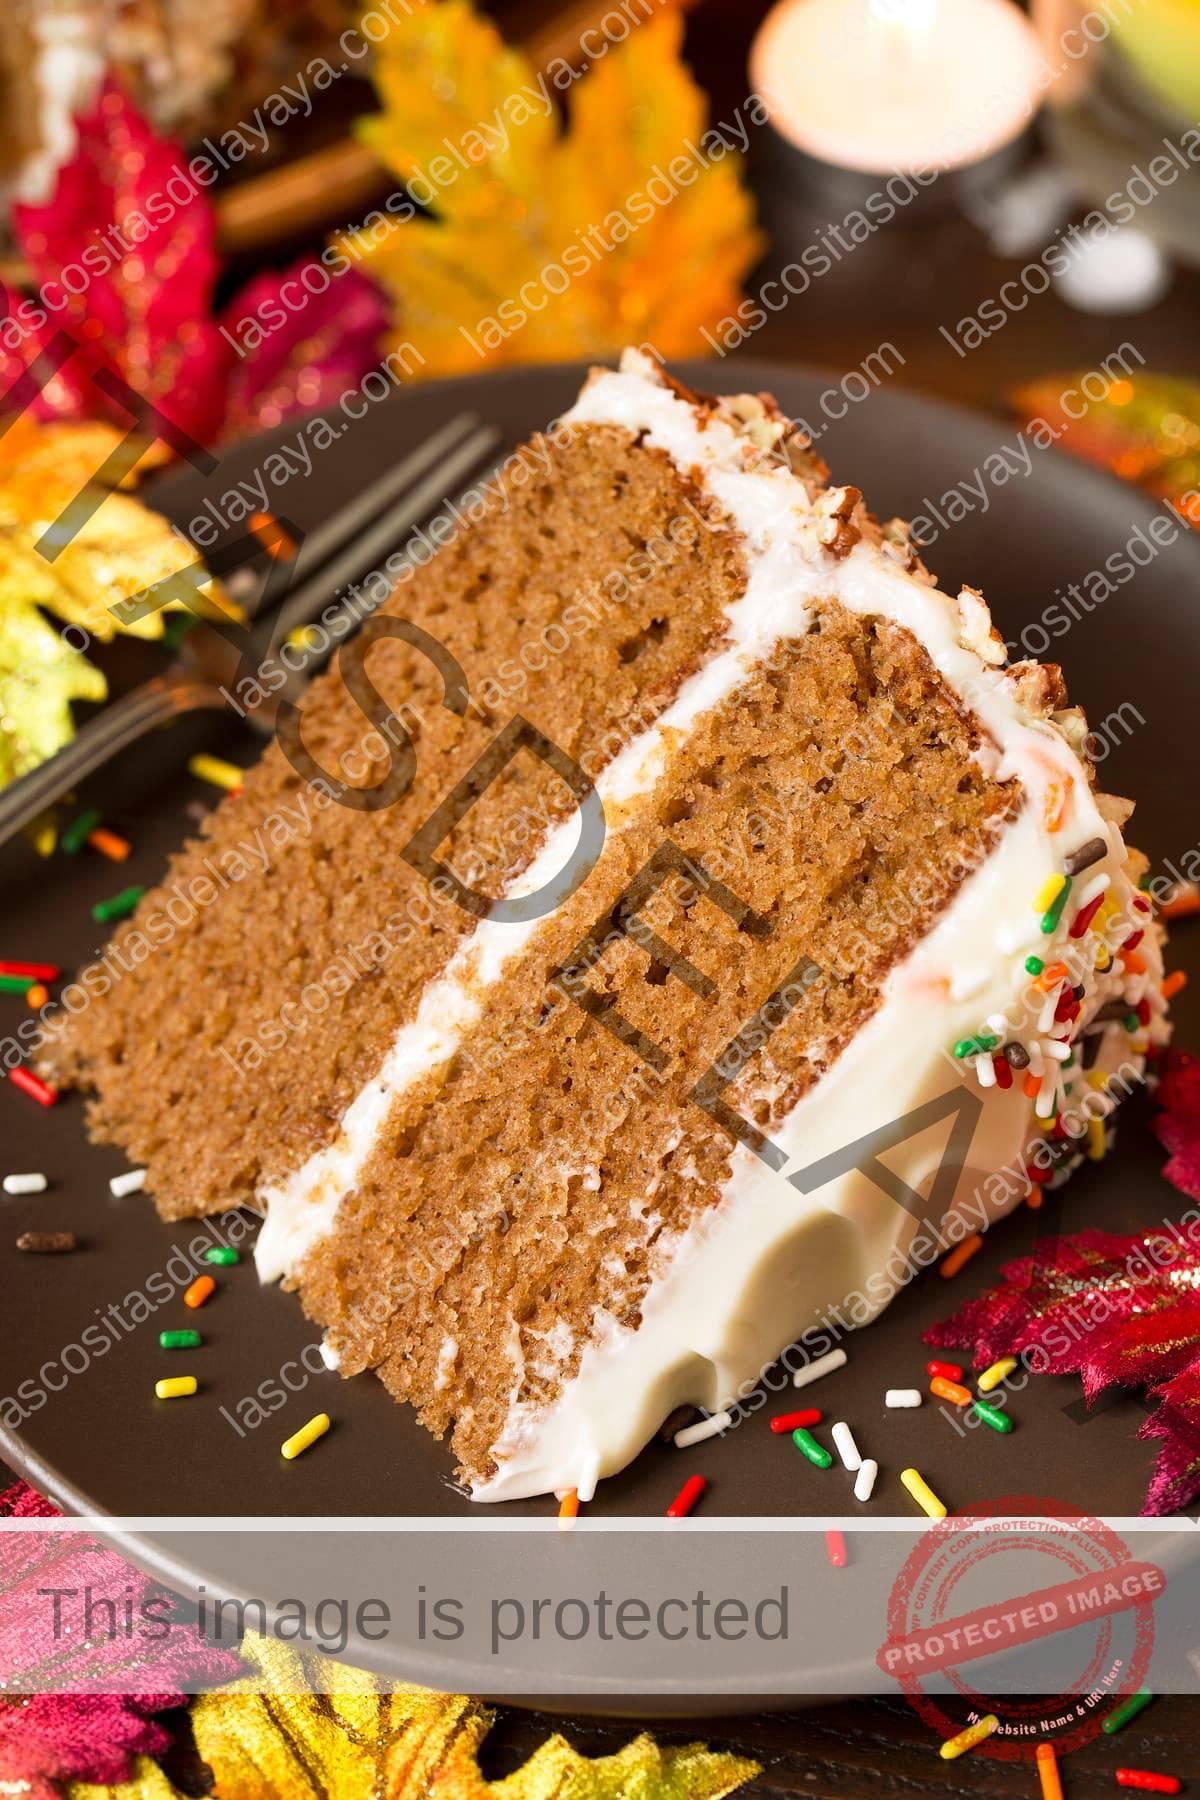 Rebanada de pastel de especias con glaseado de queso crema, sobre una placa marrón mate decorada con coloridas hojas de otoño alrededor.